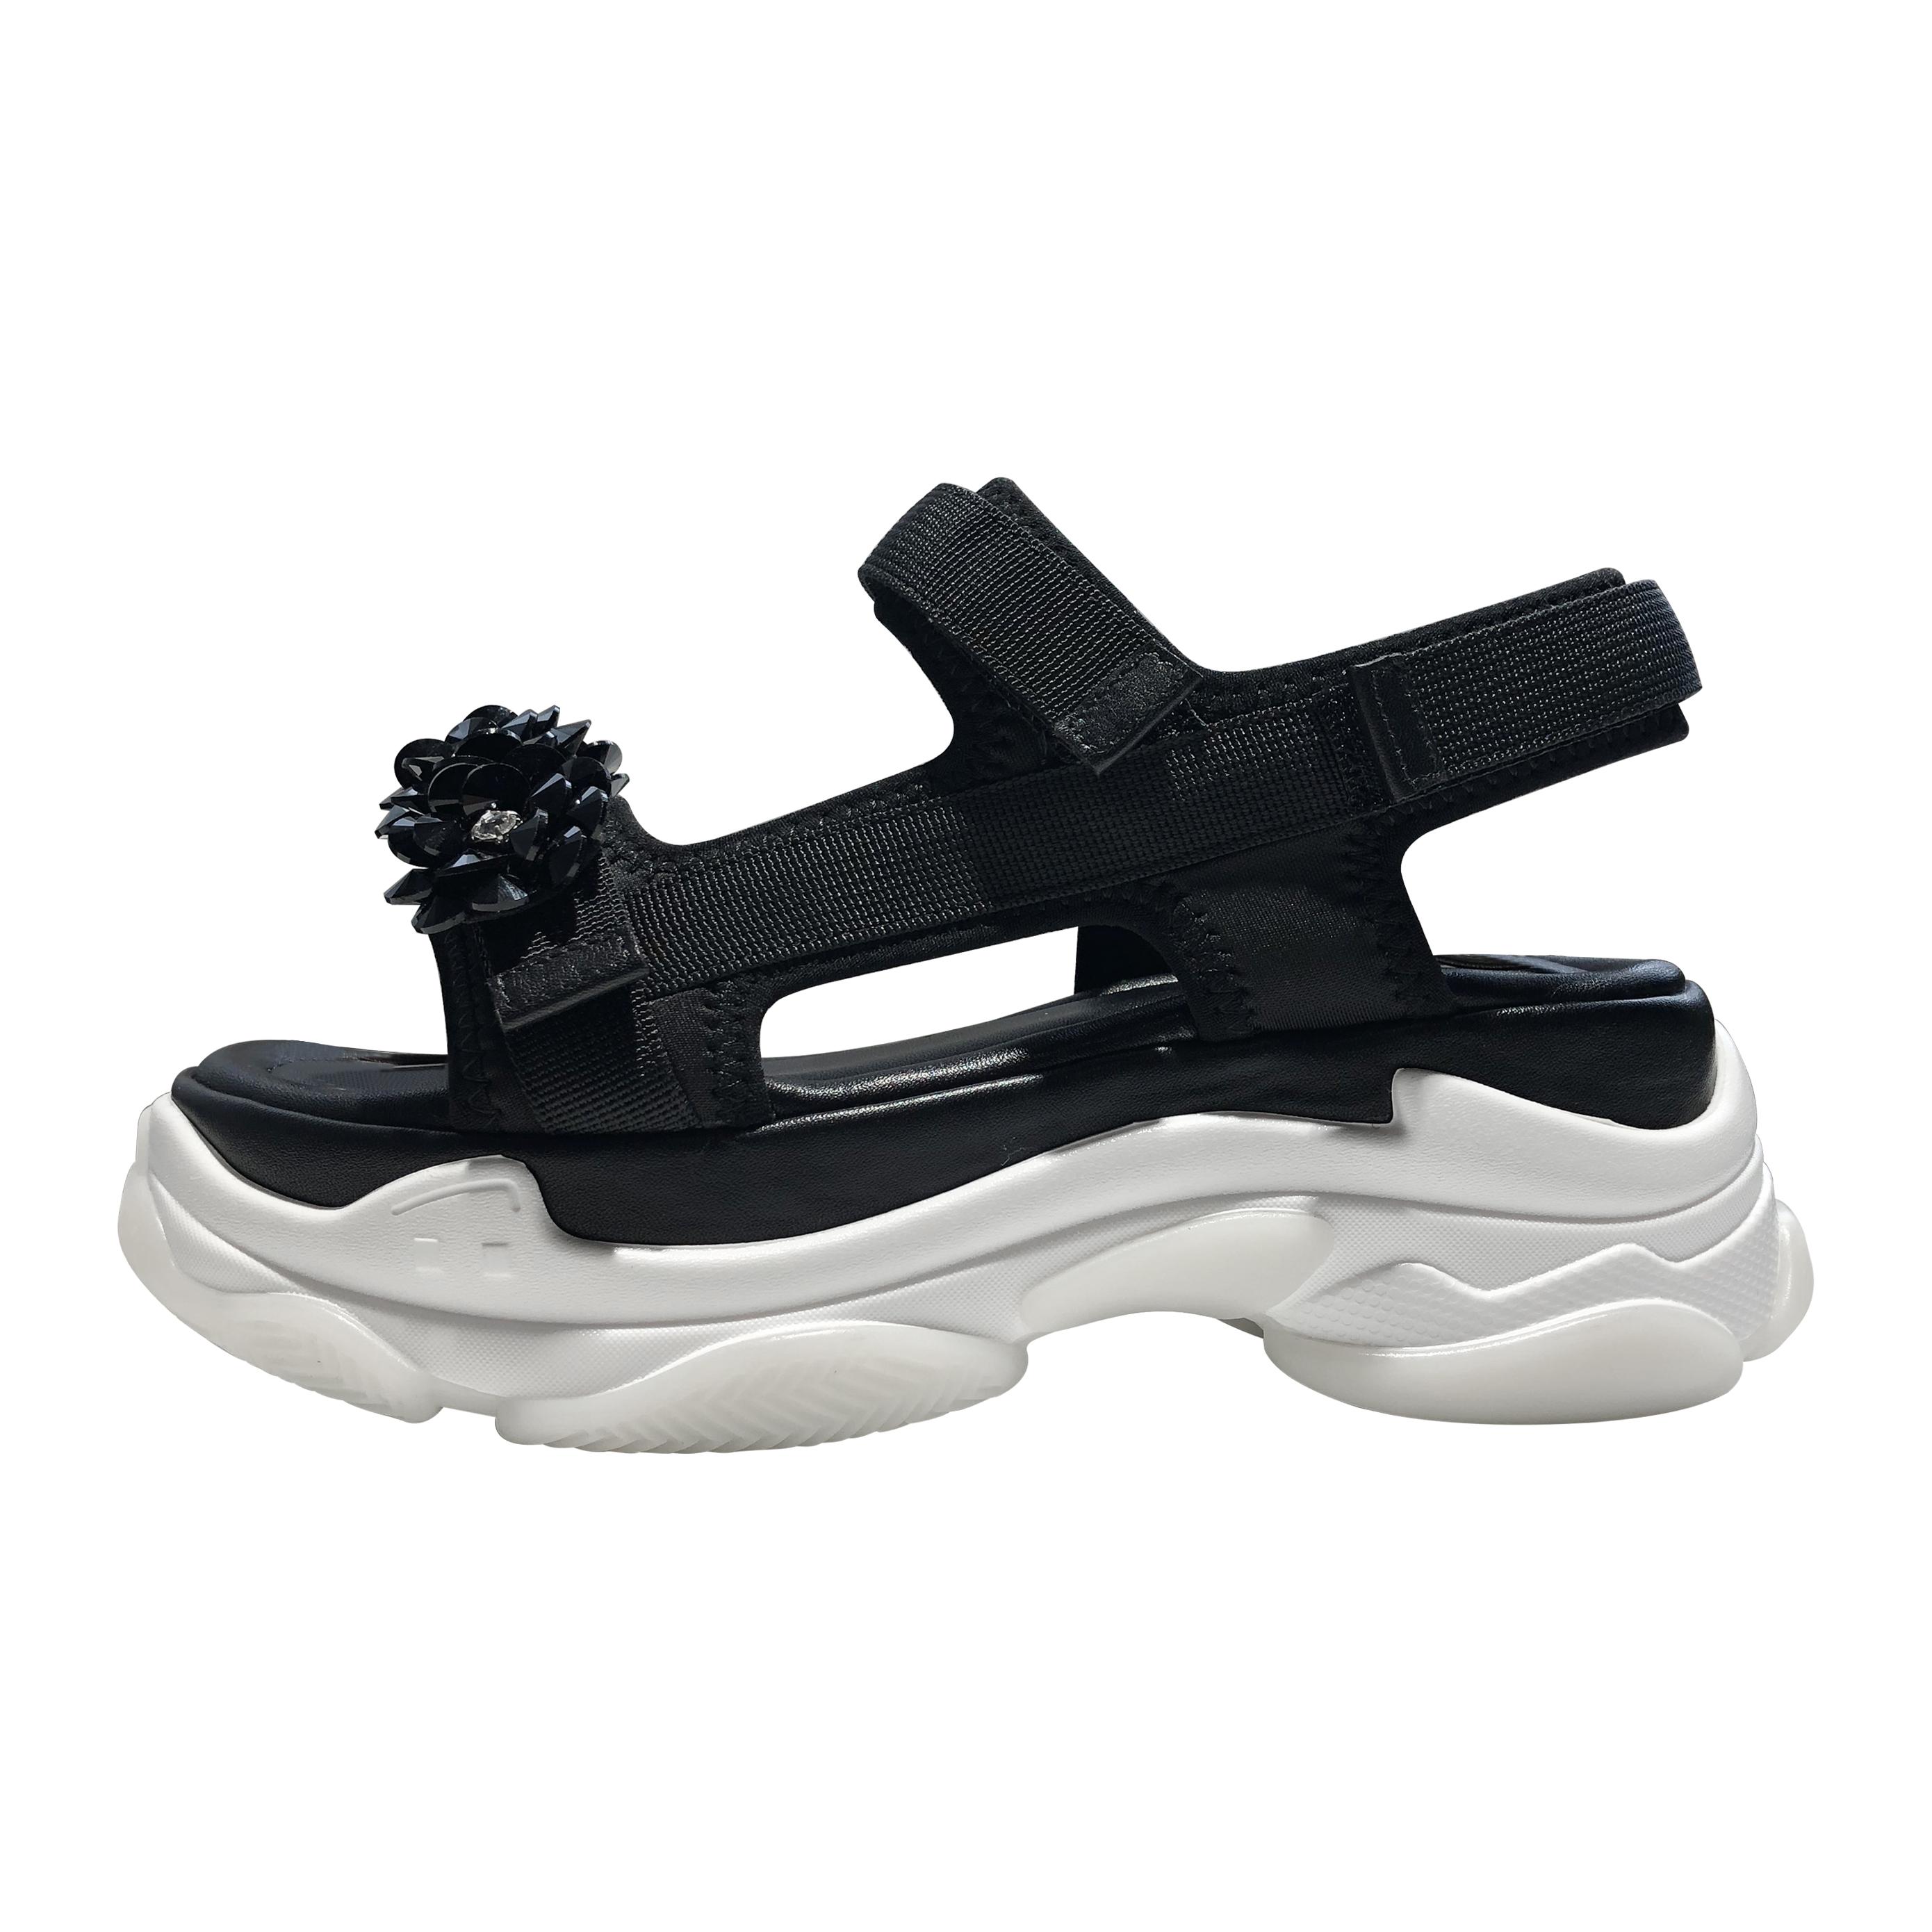 夏日凉鞋,小仙女可是要从头美到脚 服装 第10张